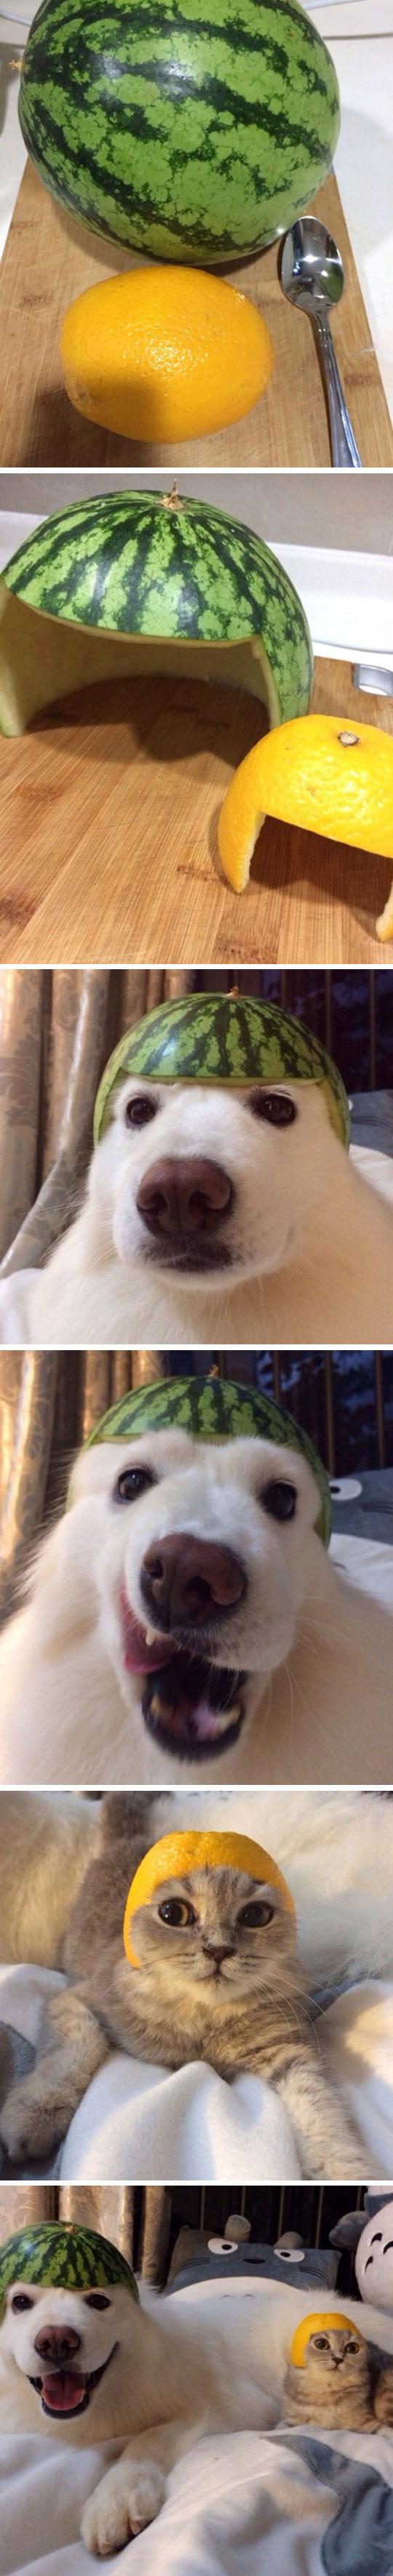 cool-fruits-hats-dog-cat-cutting